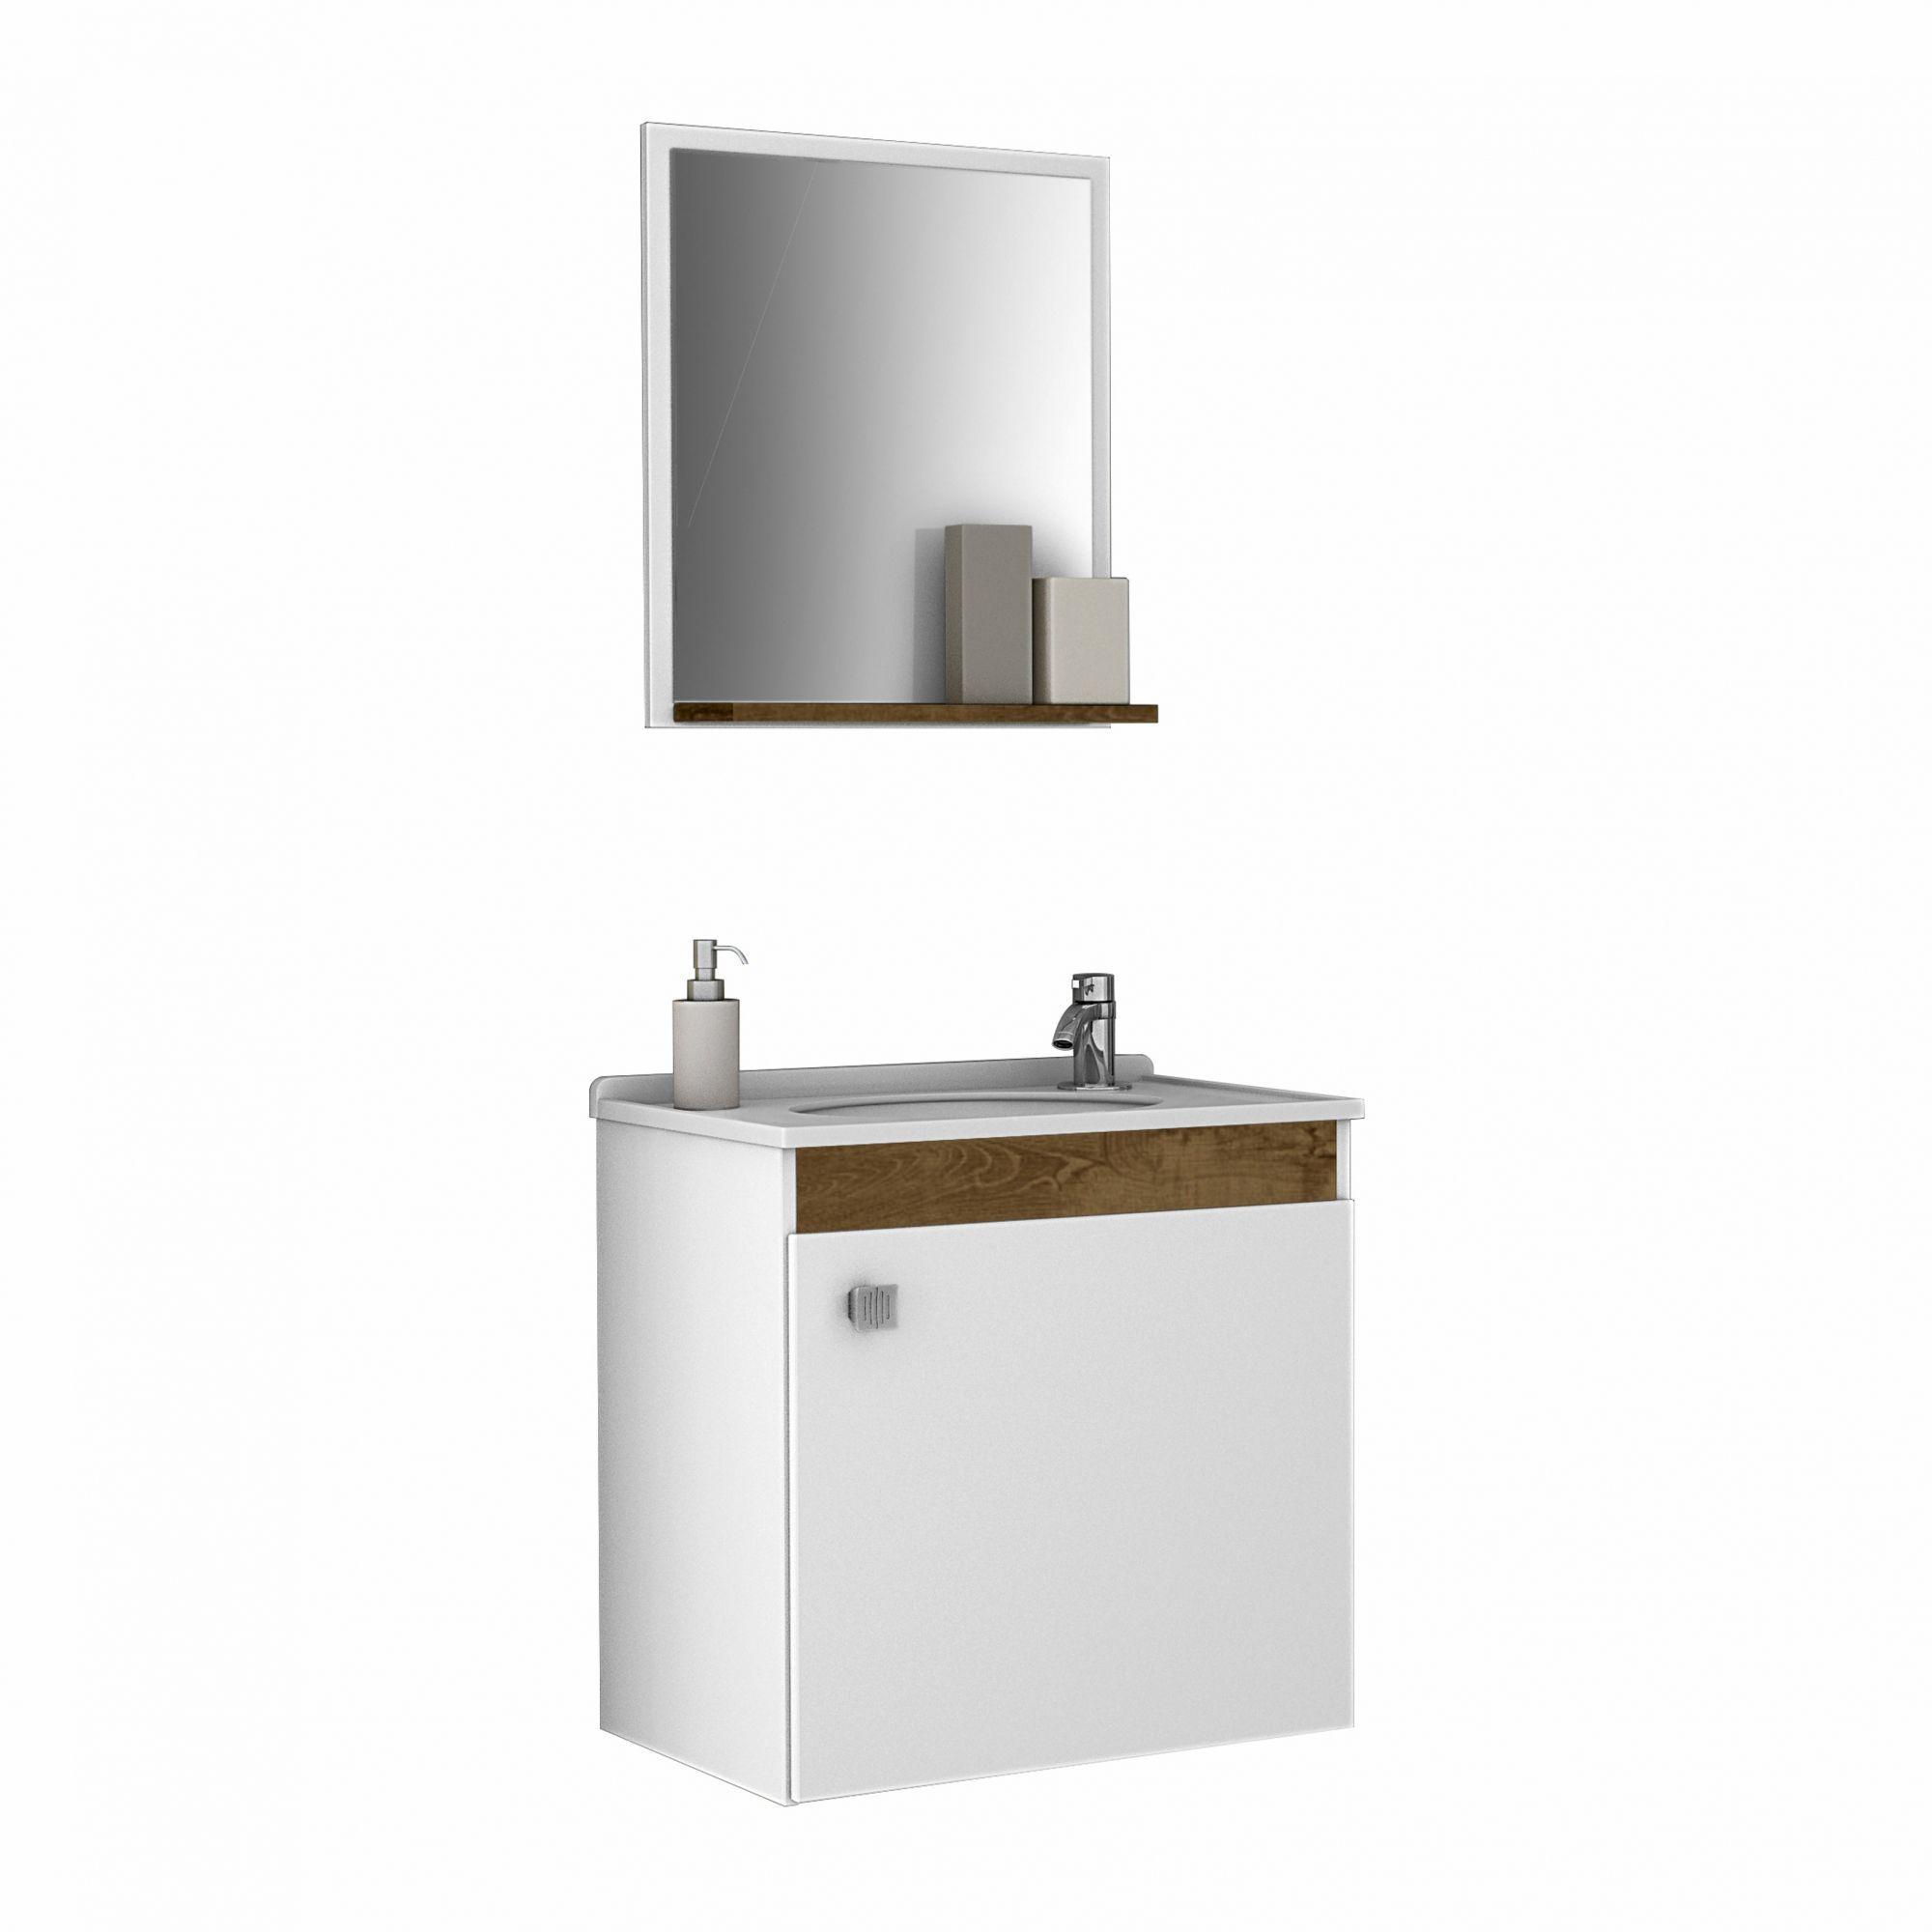 Gabinete com Espelheira Siena Branco / Madeira Rústica  - Móveis Bechara